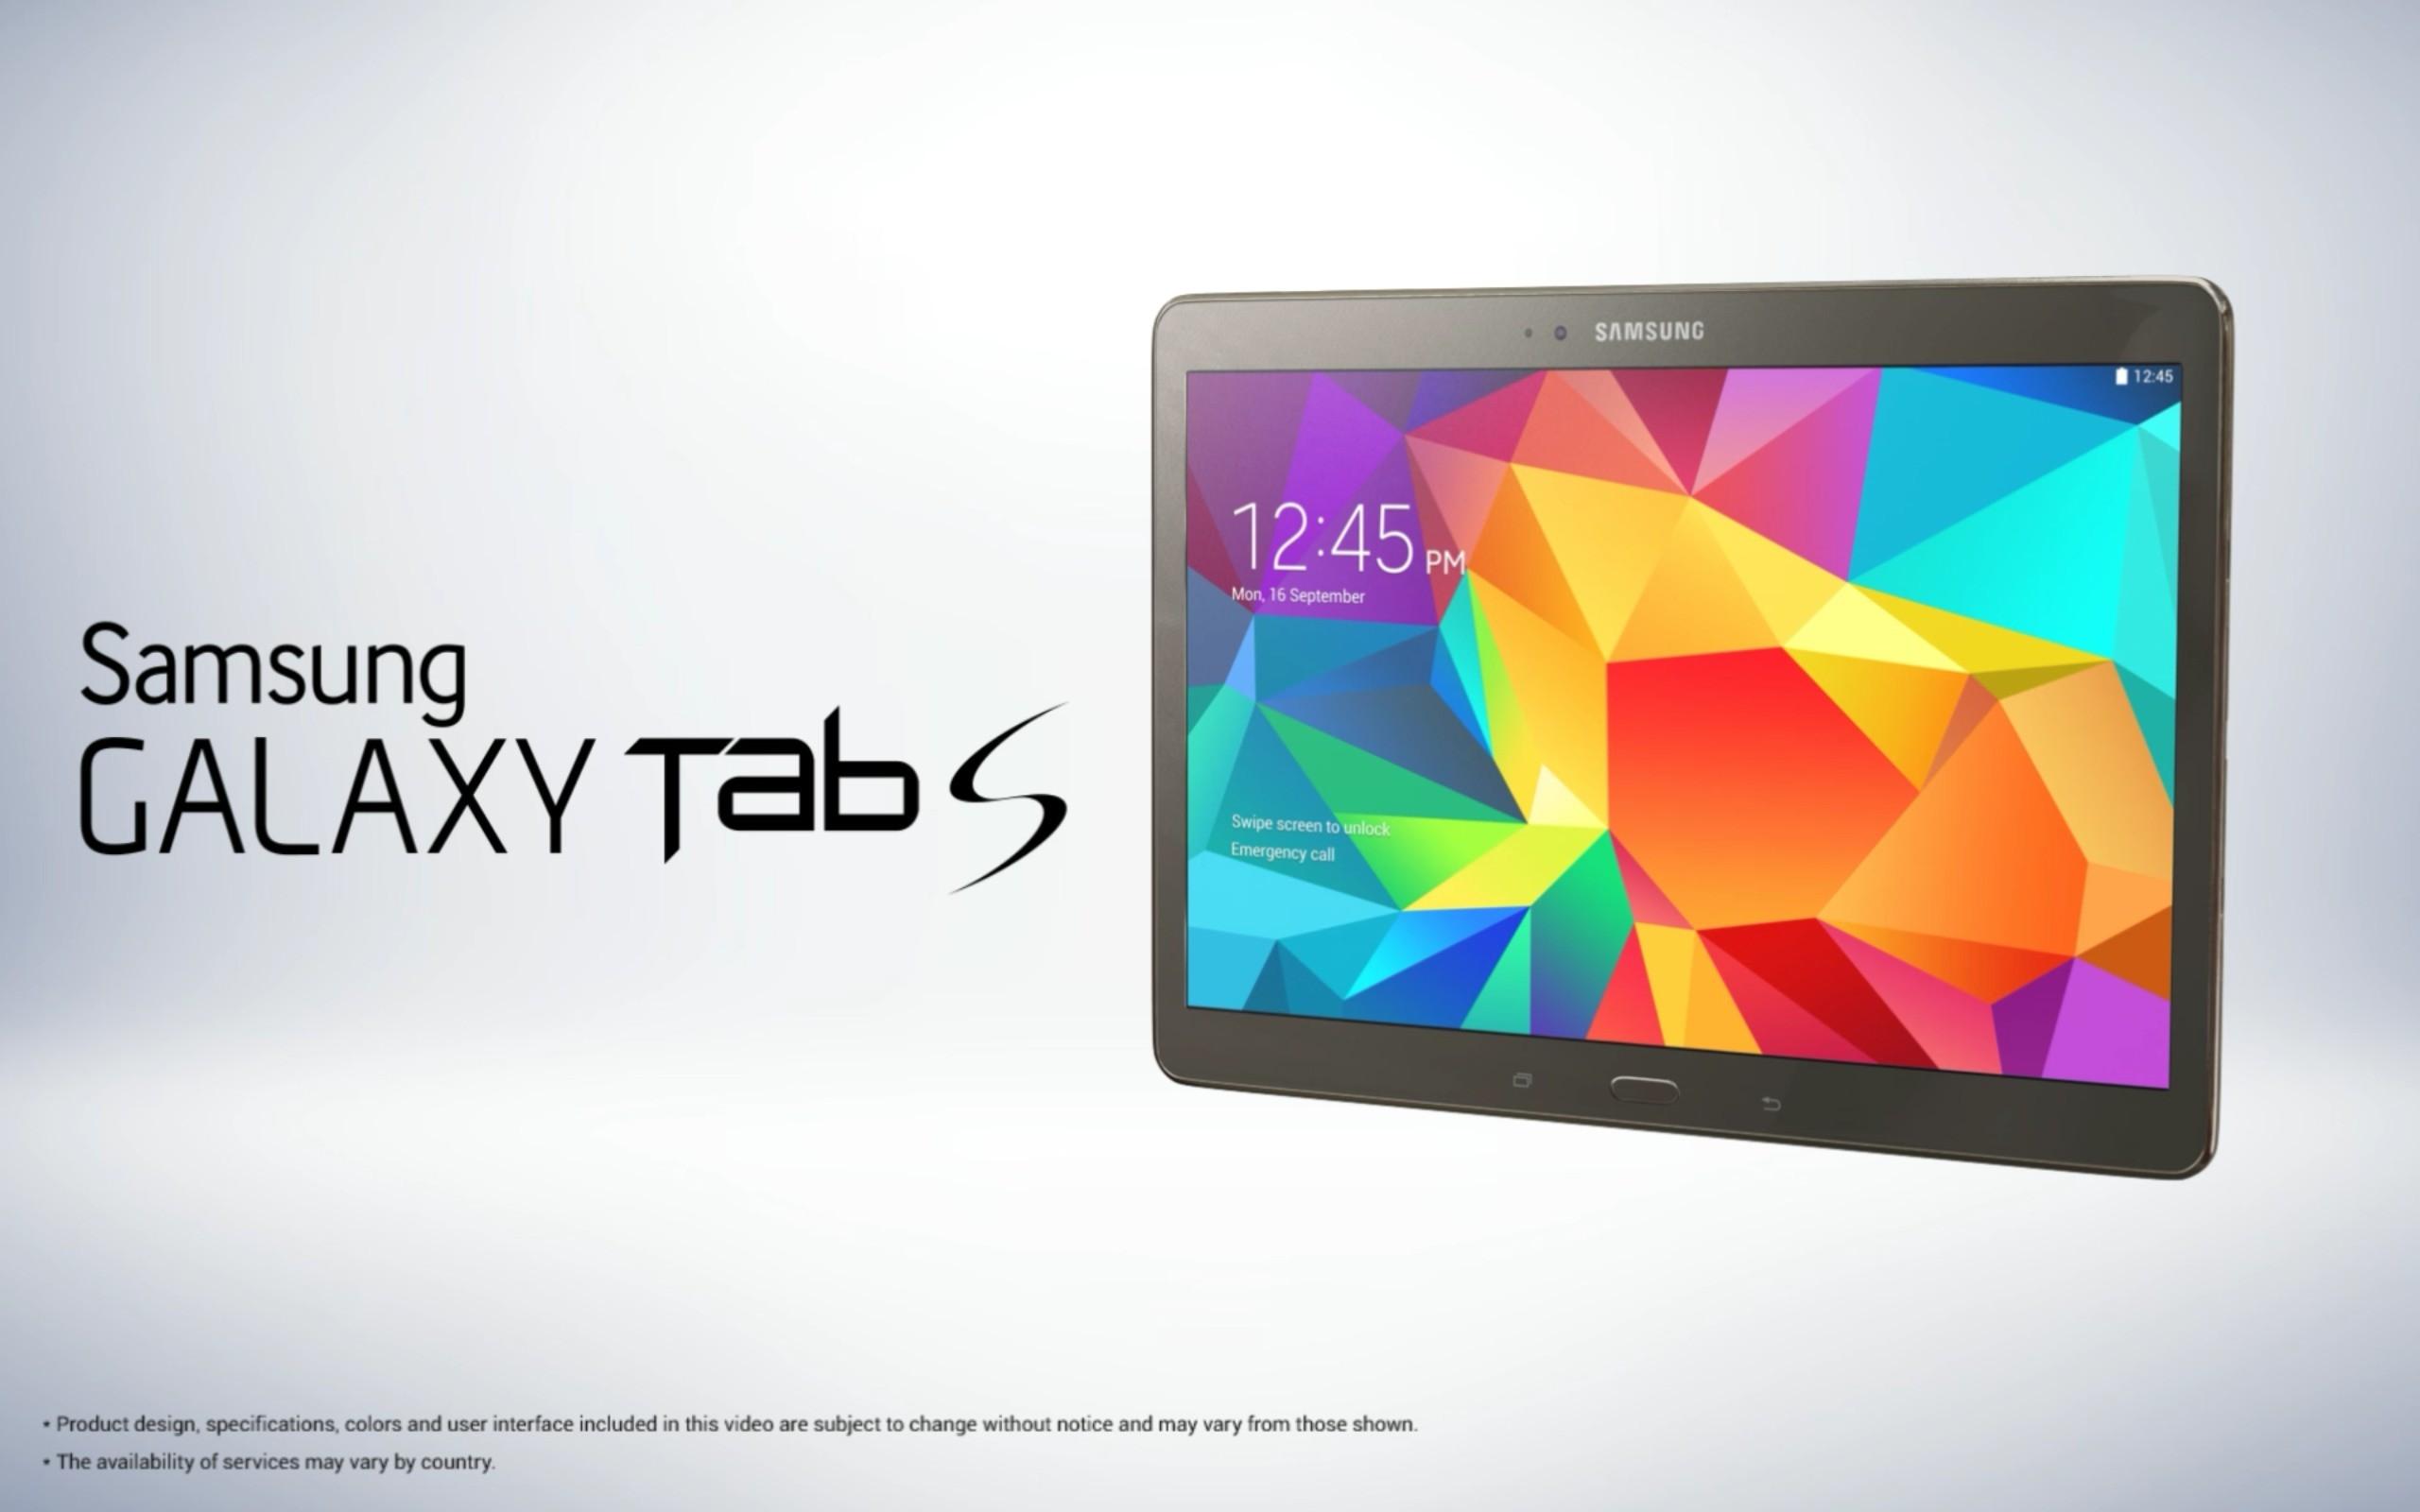 Tab S 1 - Samsung trình làng Galaxy Tab S ngày 12/6 tại New York